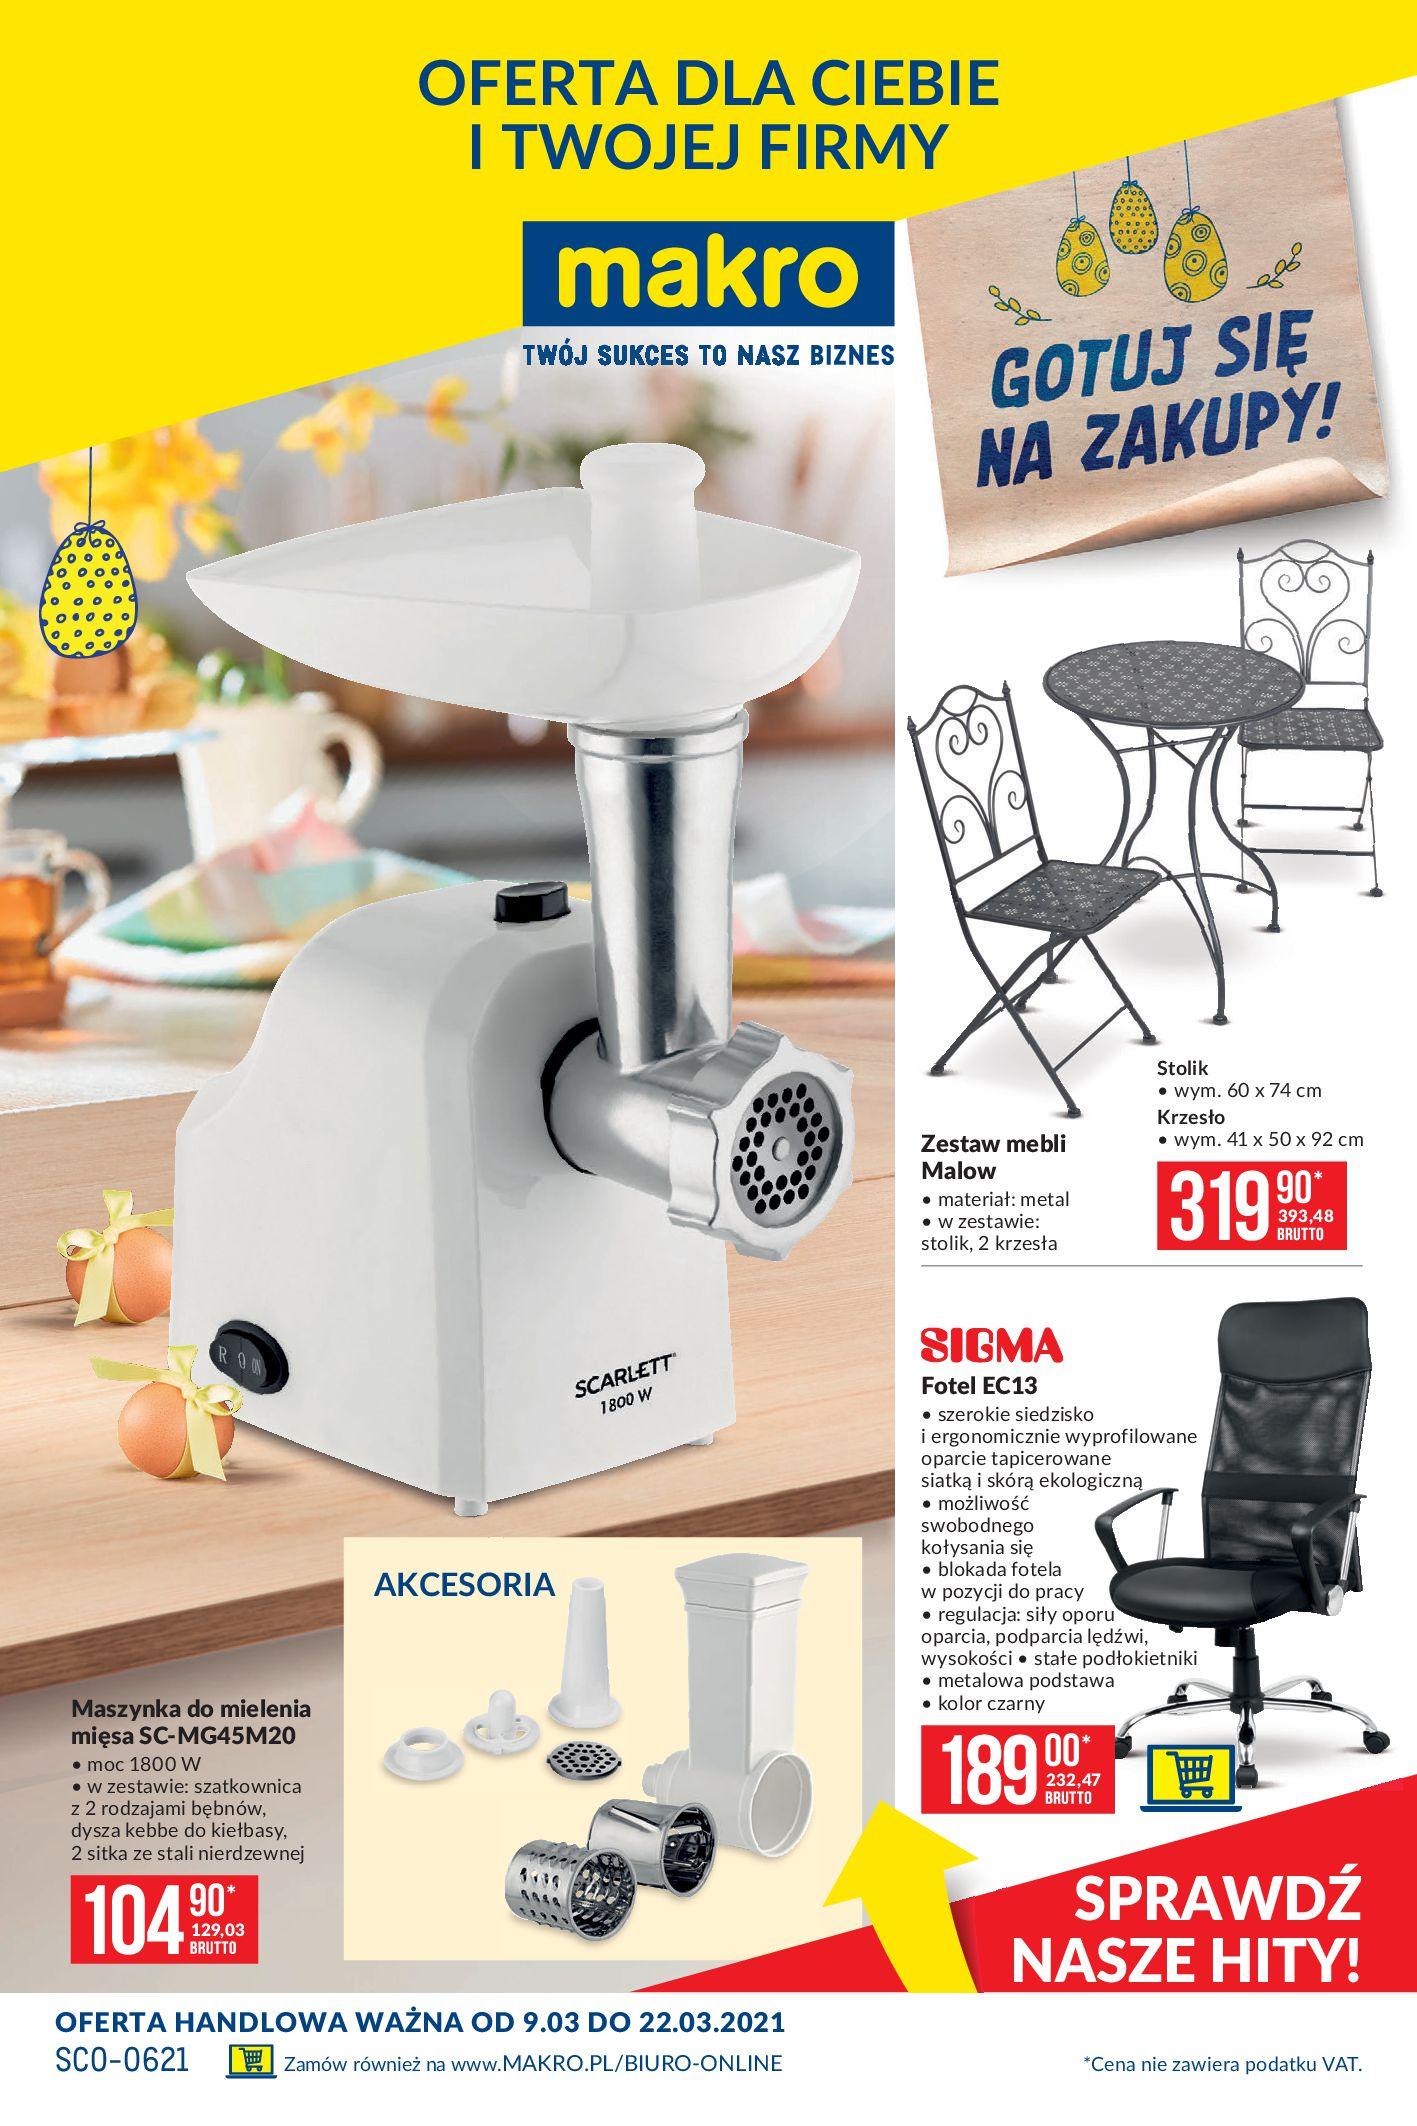 Gazetka Makro -artykuly-przemyslowe-2021-03-09-2021-03-22 09.03-22.03